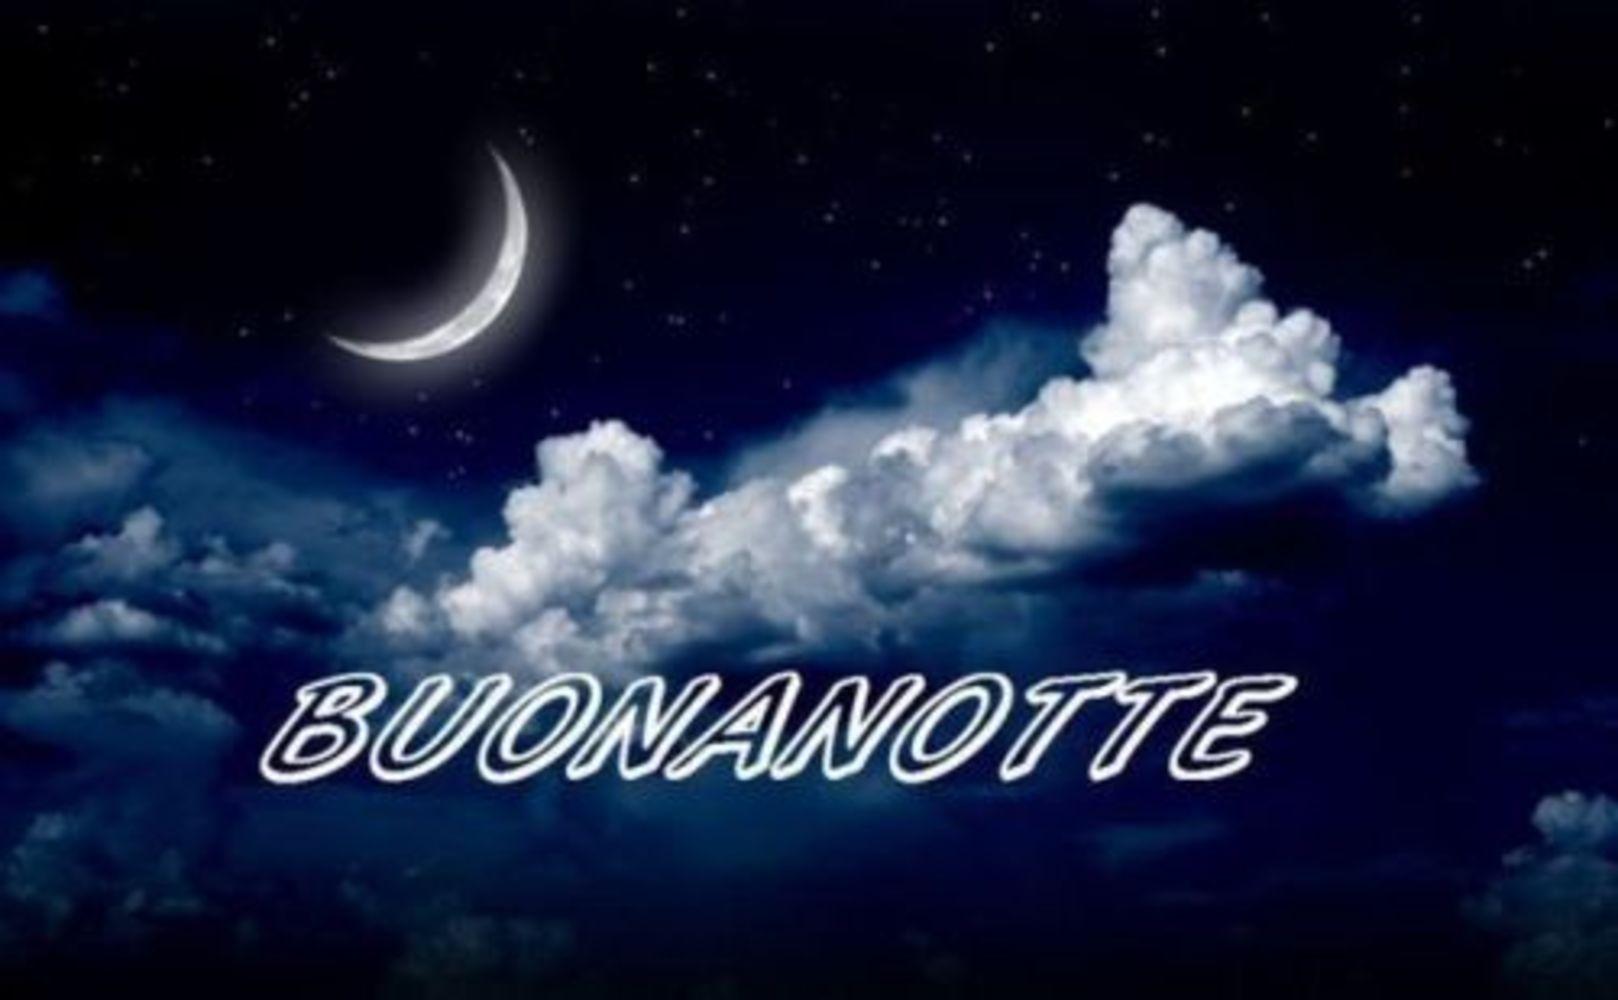 Bacionotte-012